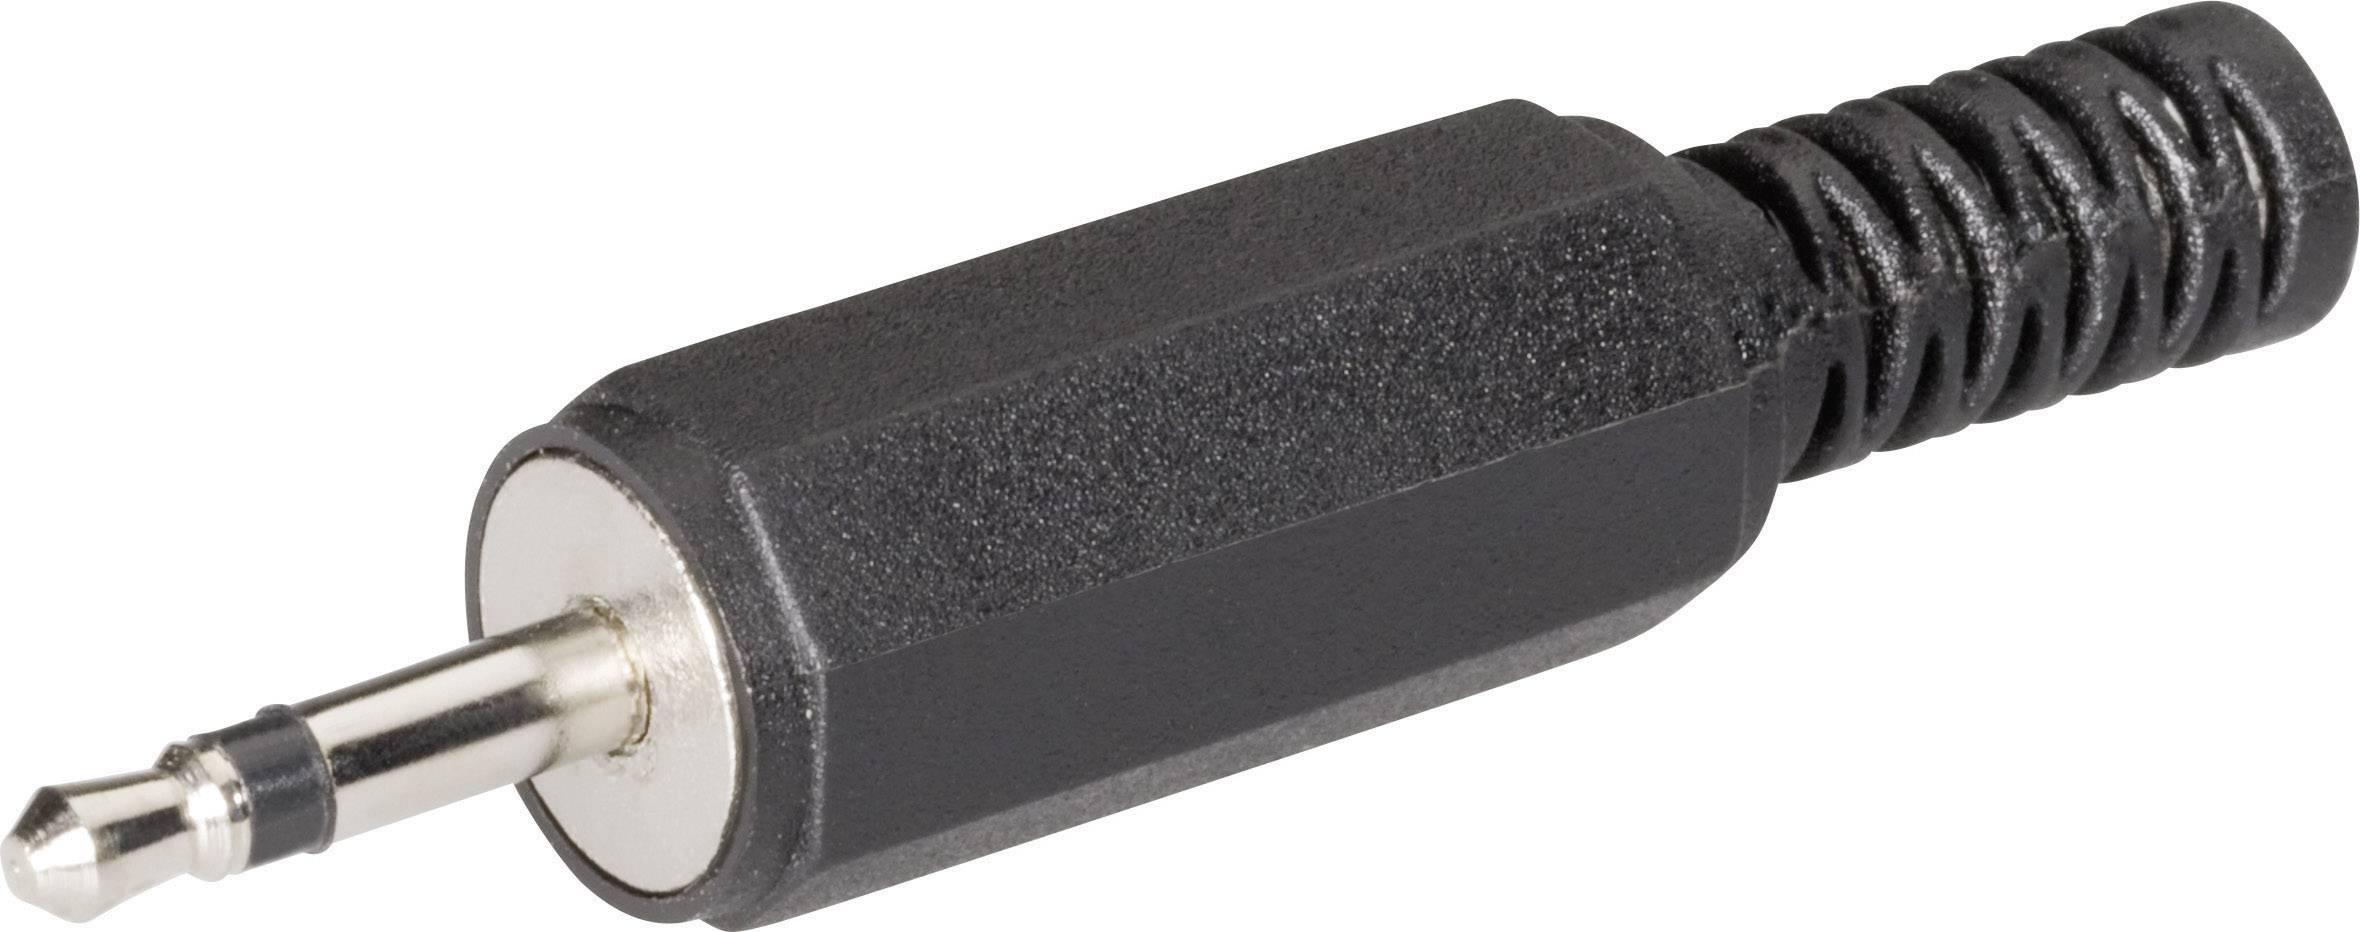 Jack konektor 2.5 mm čiernobiela zástrčka, rovná BKL Electronic 072117, počet pinov: 2, čierna, 1 ks